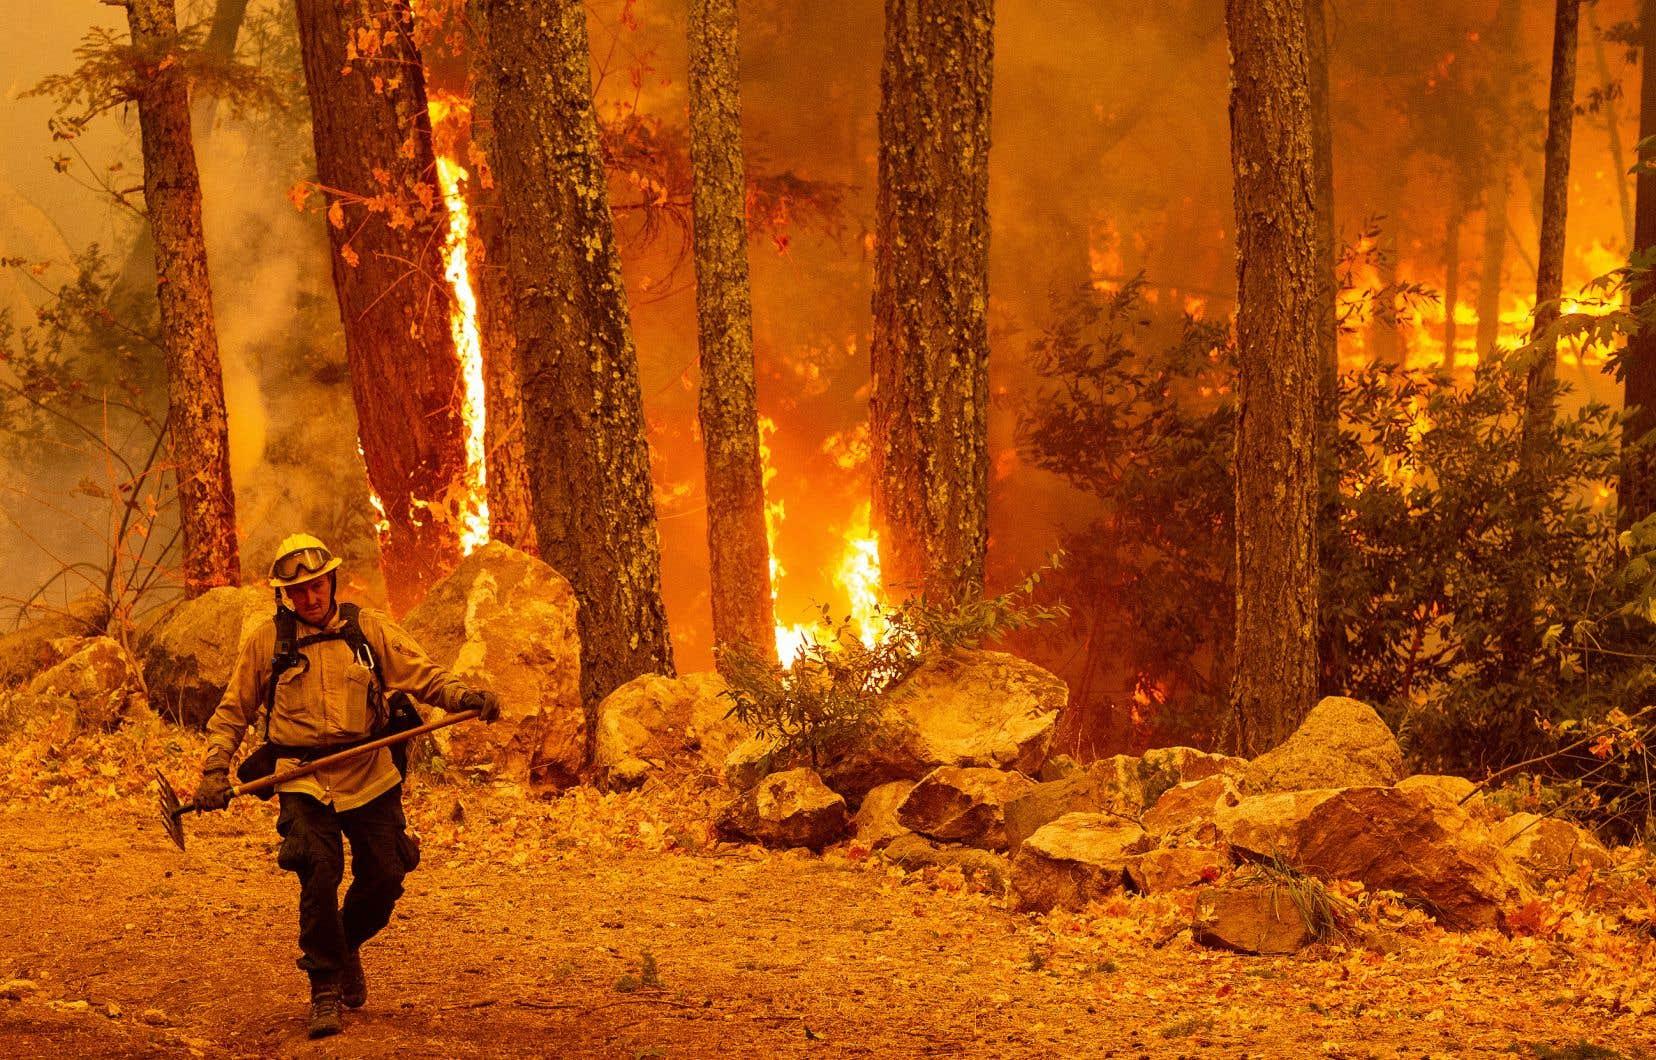 Des feux dévastateurs ont frappé la Californie à l'automne 2020, comme ici, dans la vallée de Napa, reconnue mondialement pour sa production viticole.